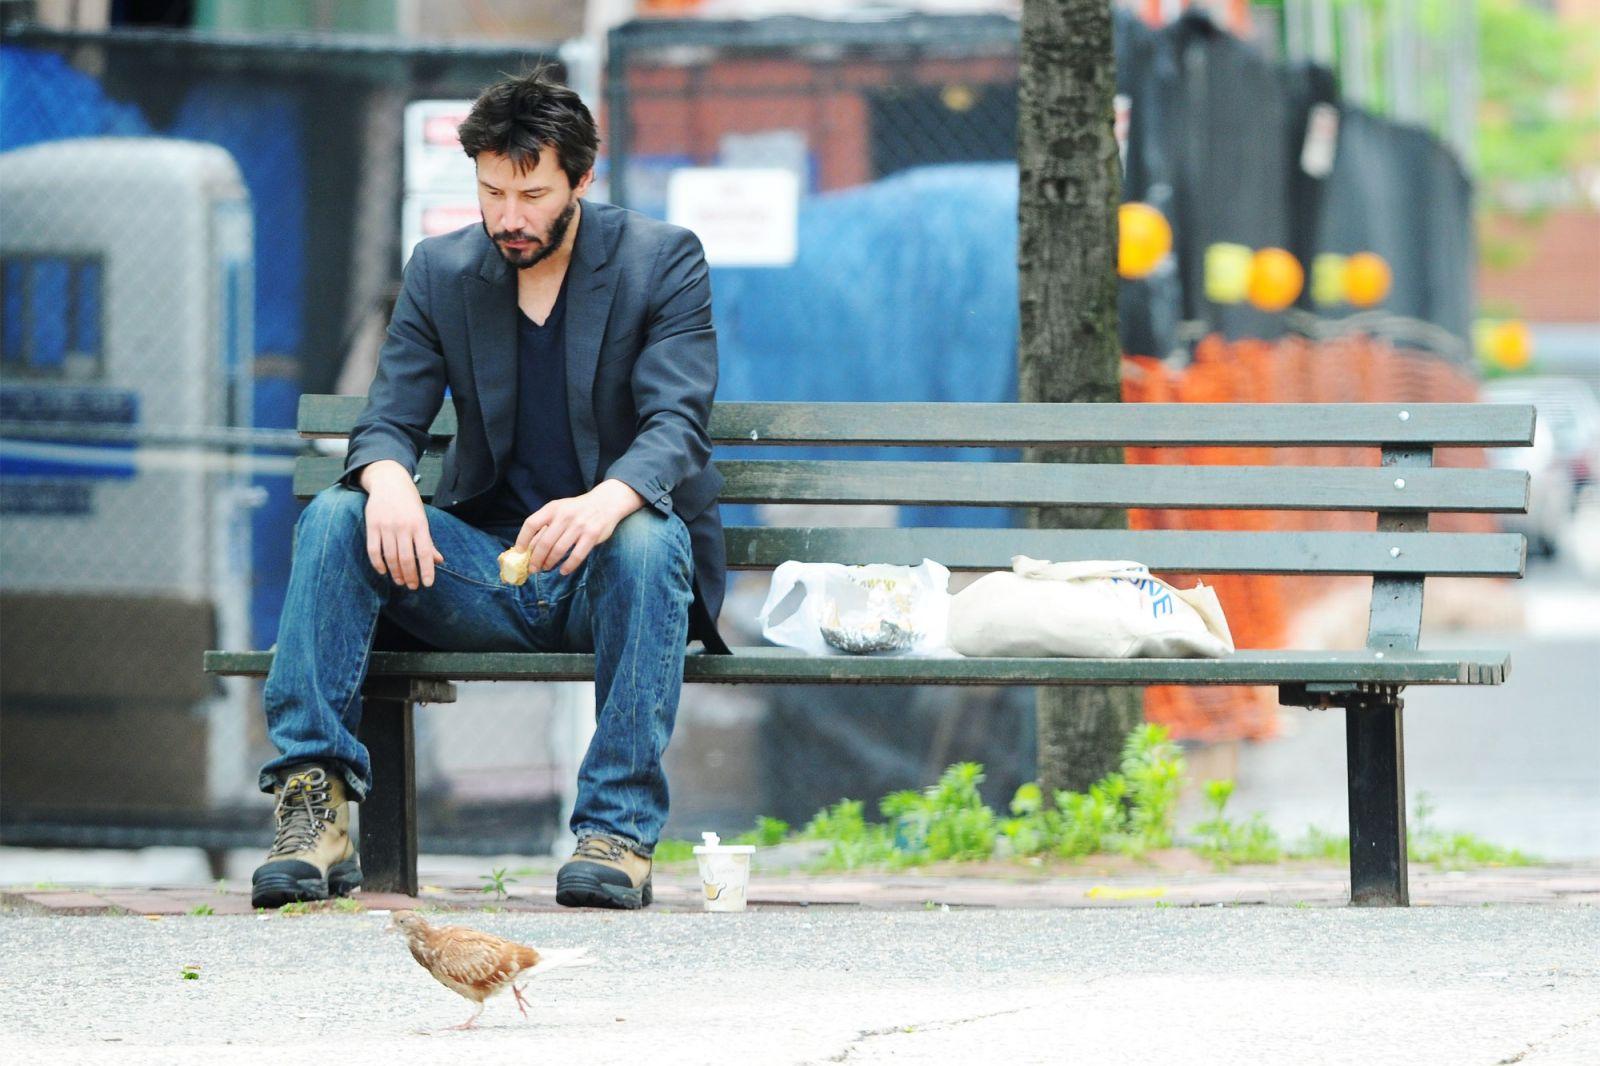 «Грустный» актер Киану Ривз попал в украинский учебник по истории. Новости Украины